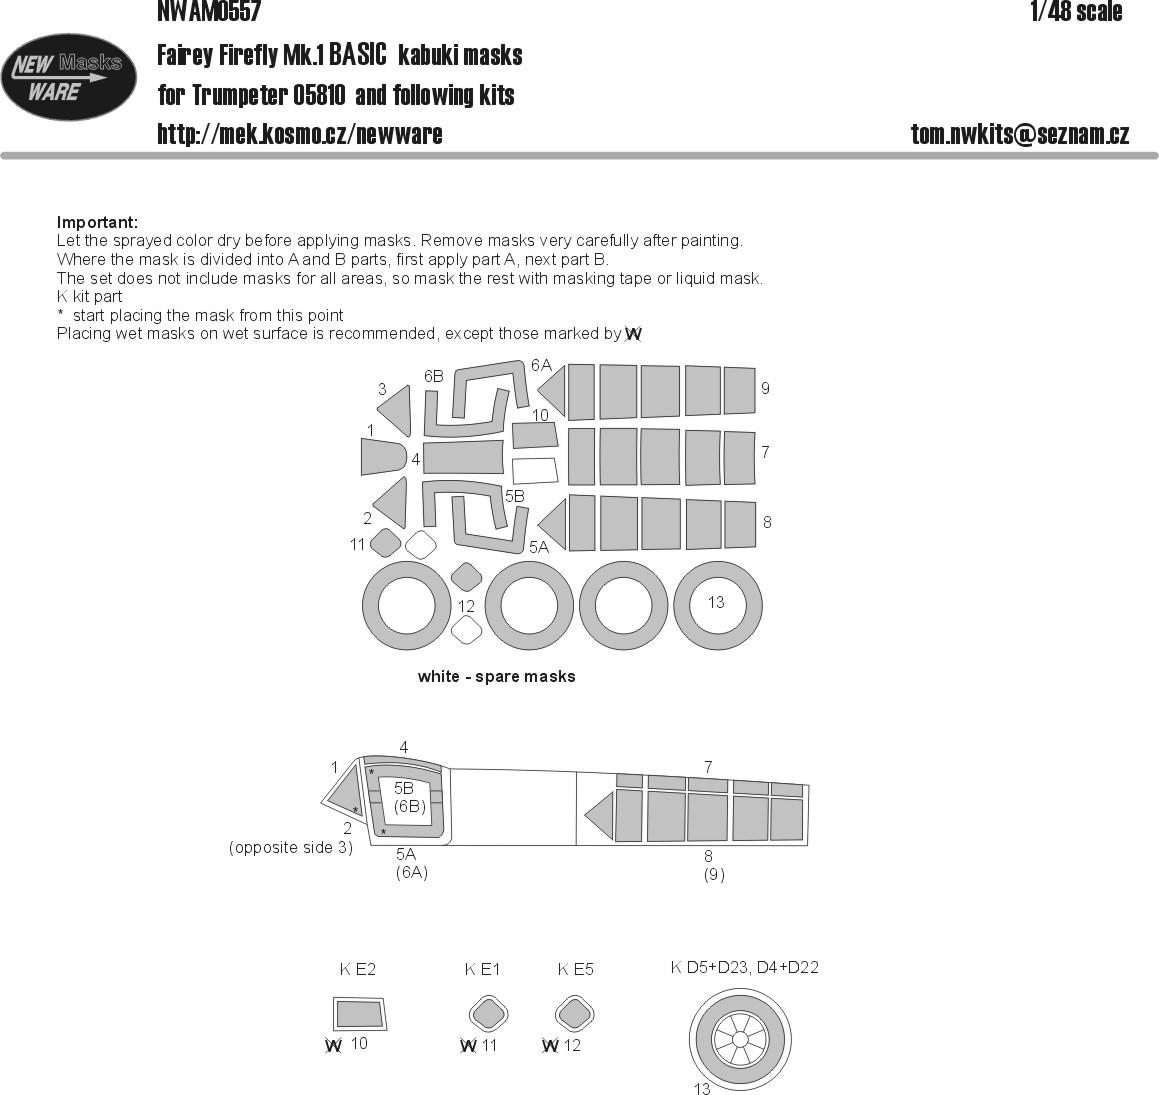 NWAM0557